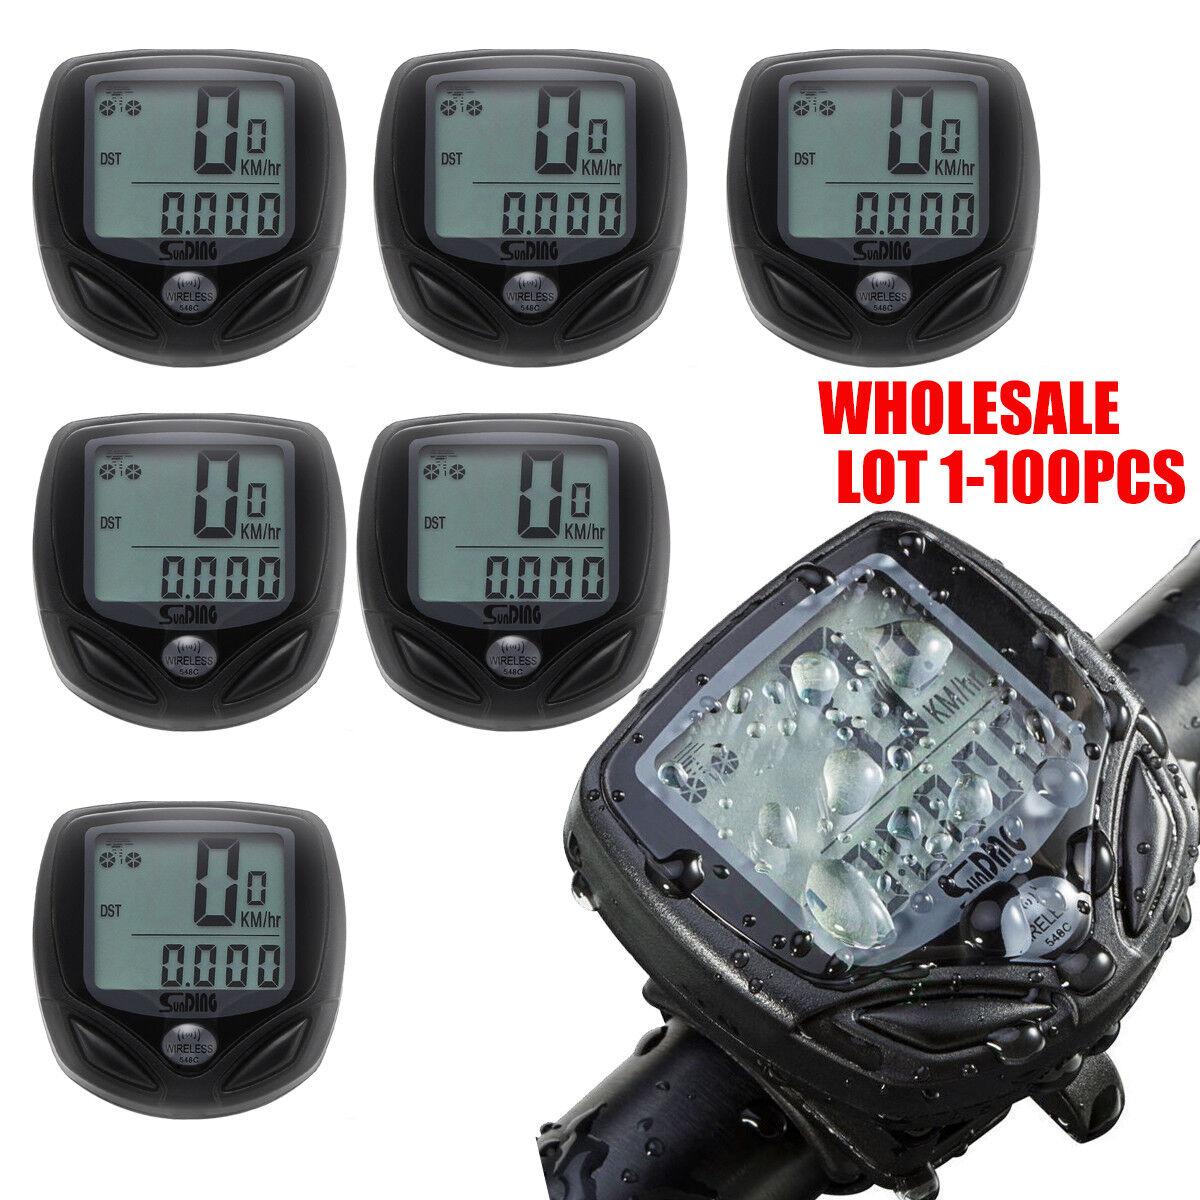 Waterproof Wireless LCD Digital Cycle Bike Bicycle Computer Speedometer&Odometer